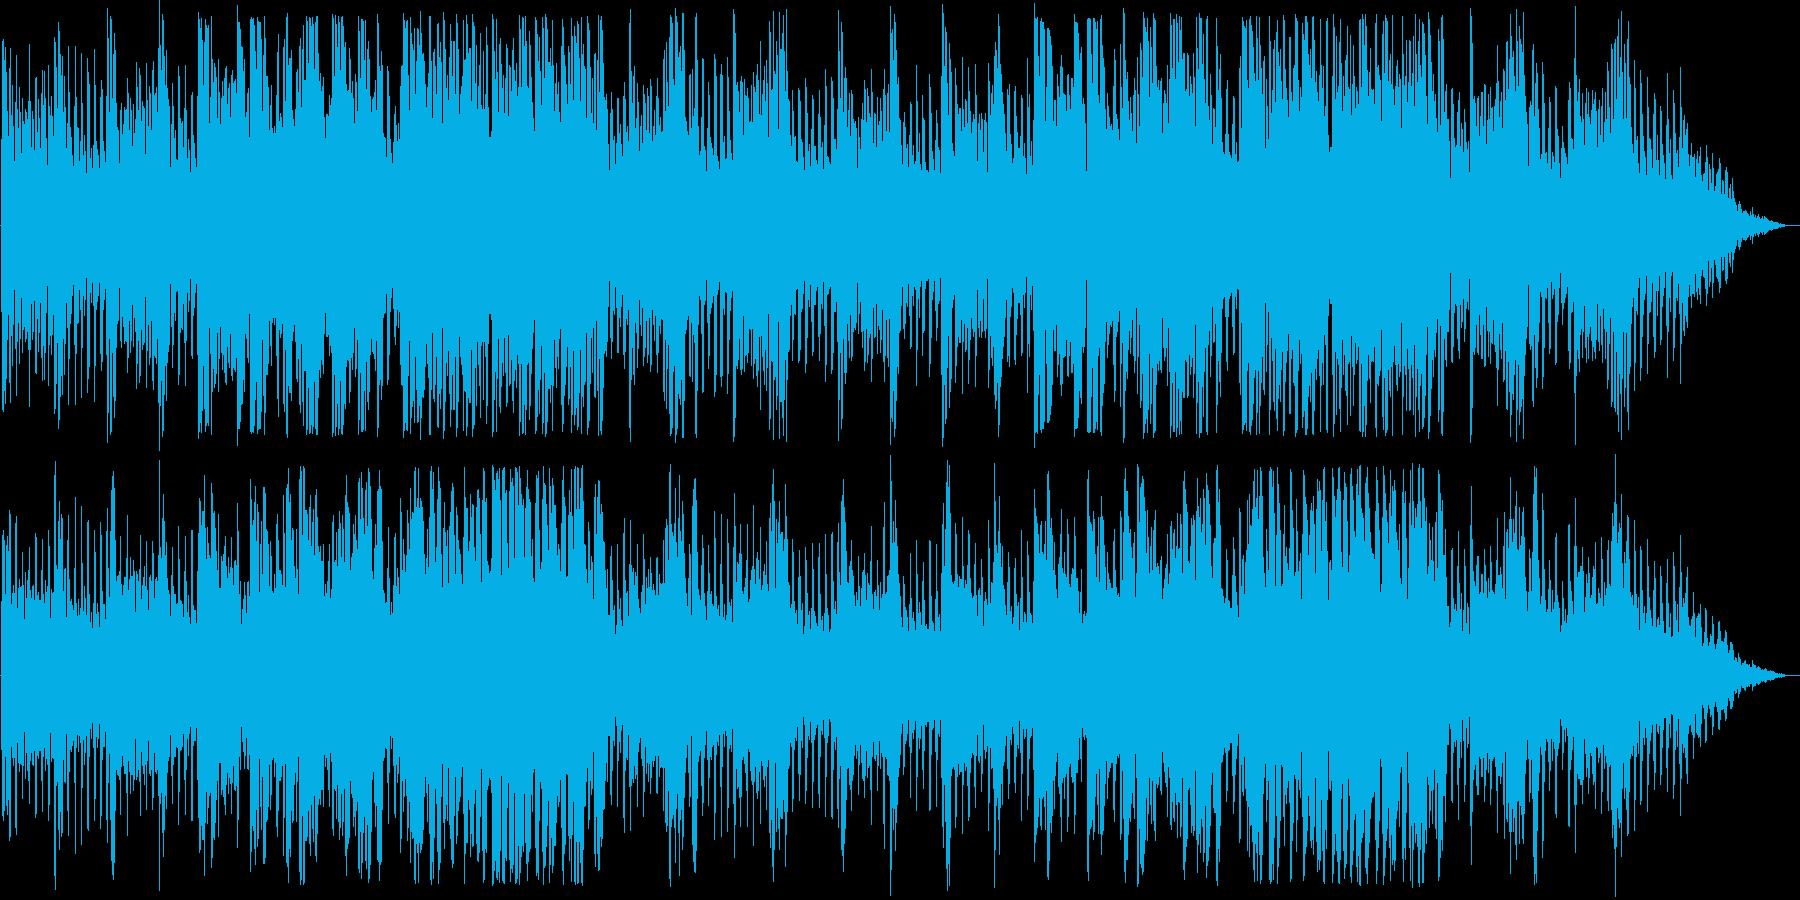 ドキドキ感のあるピアノなどのサウンドの再生済みの波形